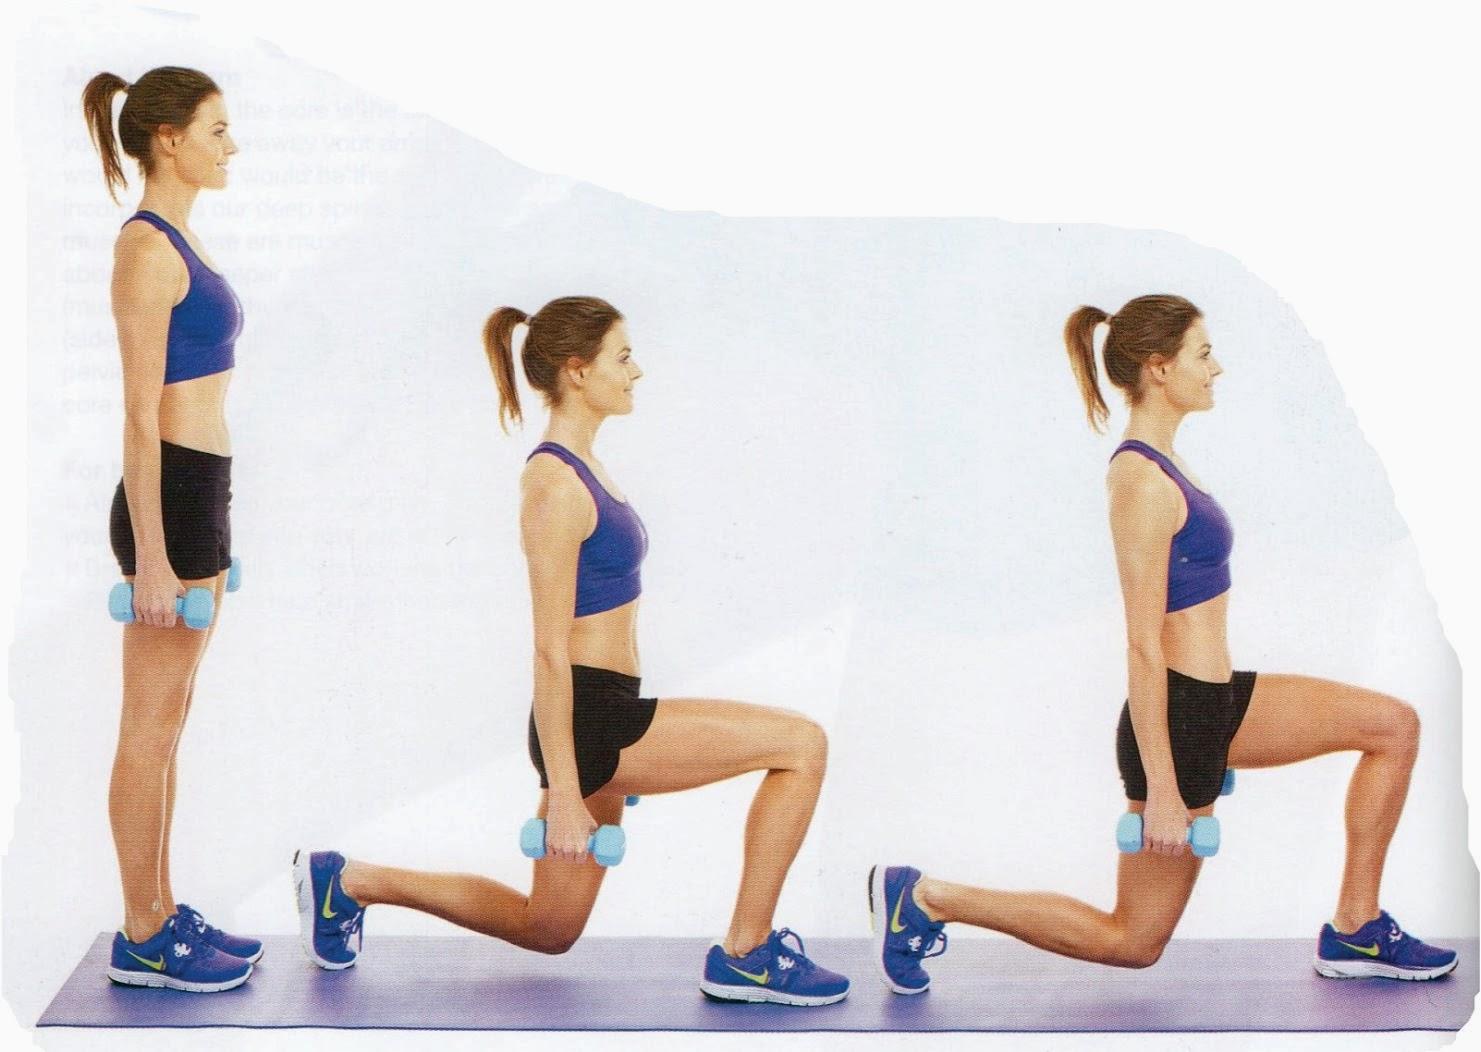 Para que hagas ejercicio con ella tu con las manos - 3 part 5